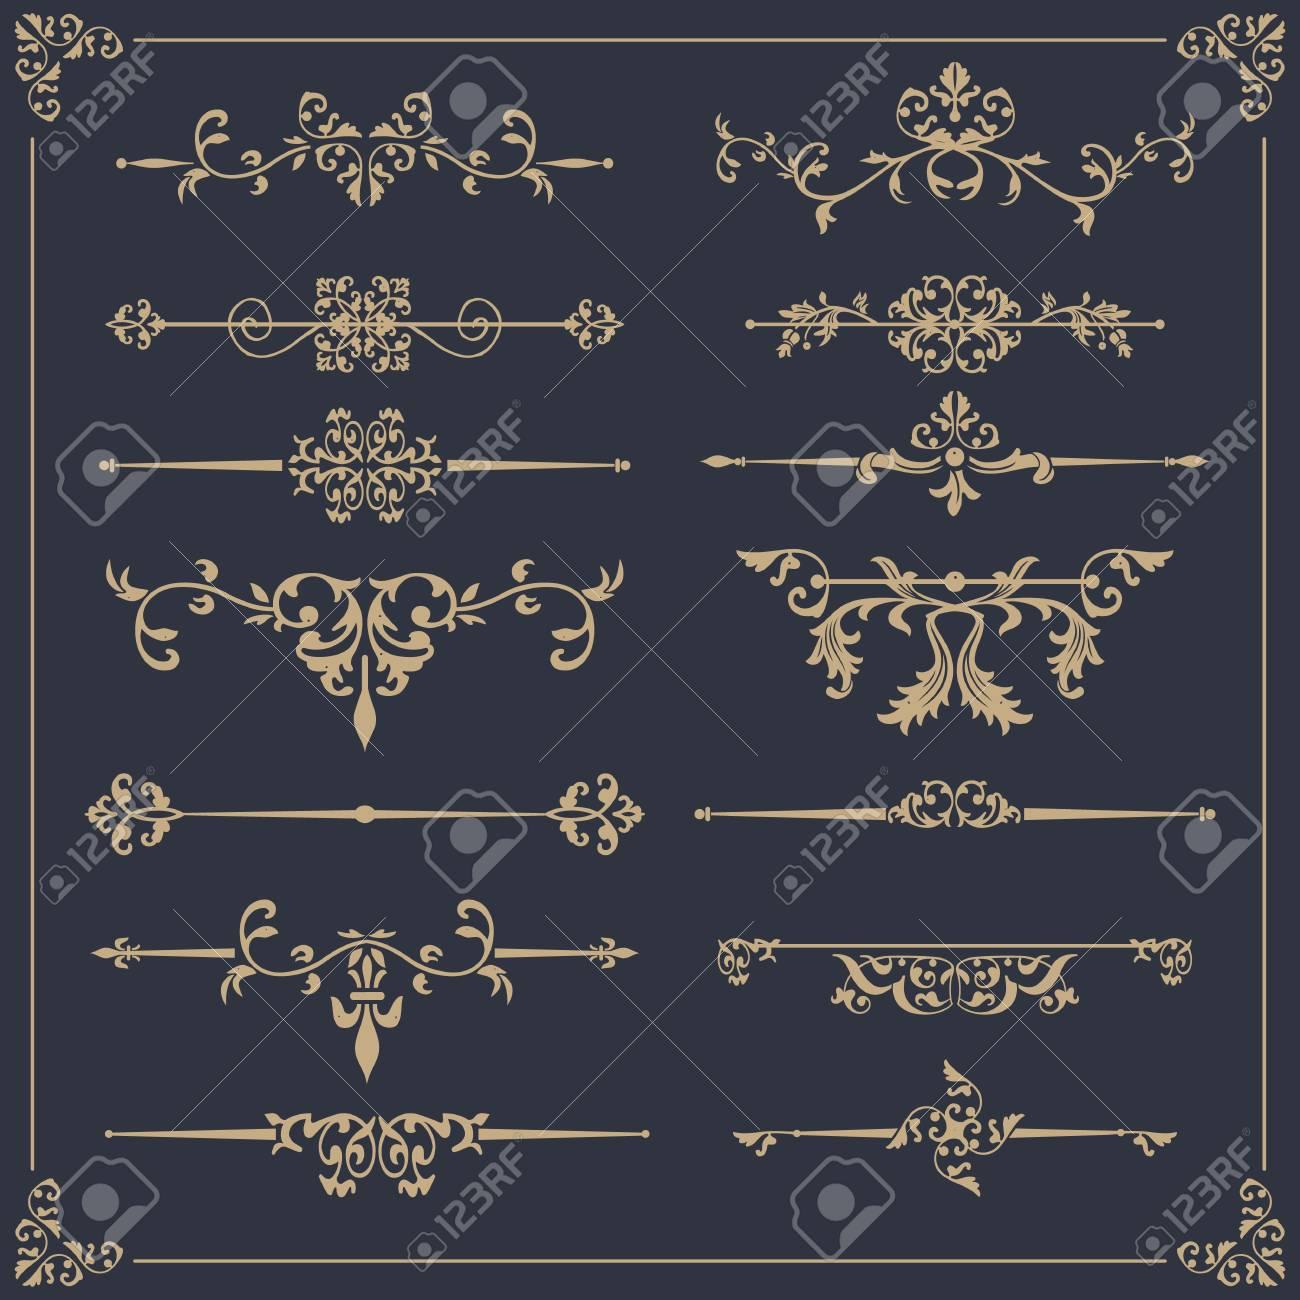 Vintage vector Set. Floral elements for design of monograms, invitations, frames, menus, labels and websites. - 122525940